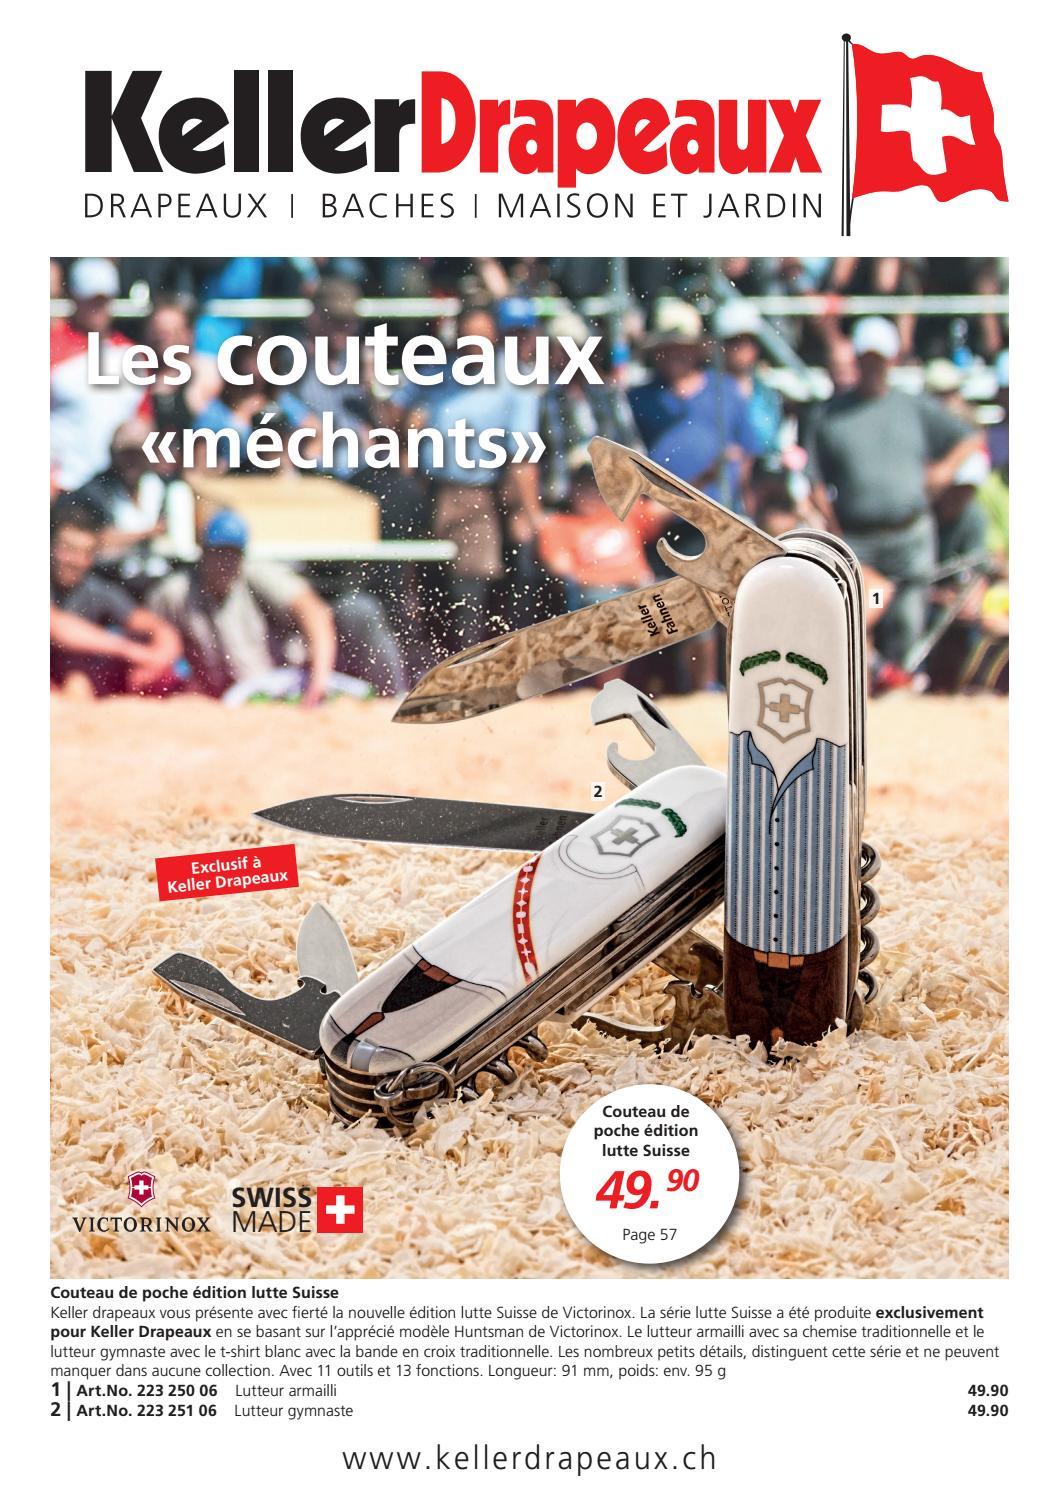 Lutter Contre Les Fourmis Au Jardin Beau Magazine De Keller Drapeaux 6 2019 Fran§ais by Keller